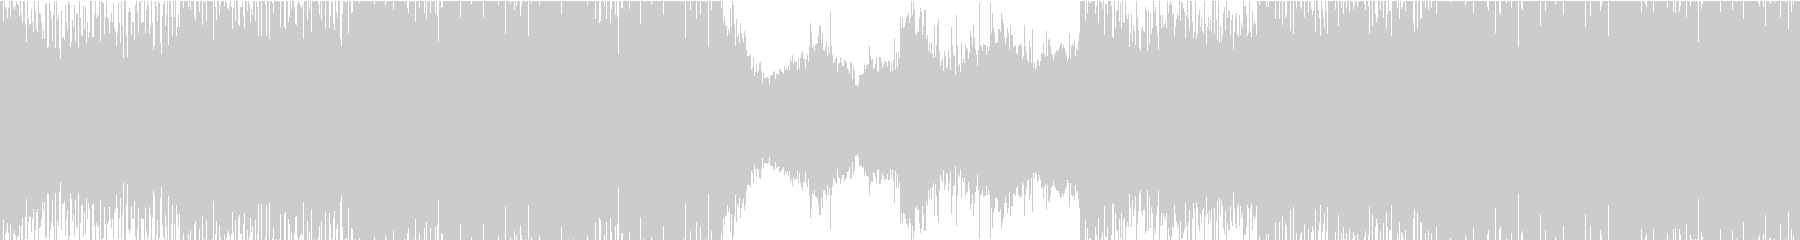 ダークで重厚感のあるシネマティックBGMの未再生の波形